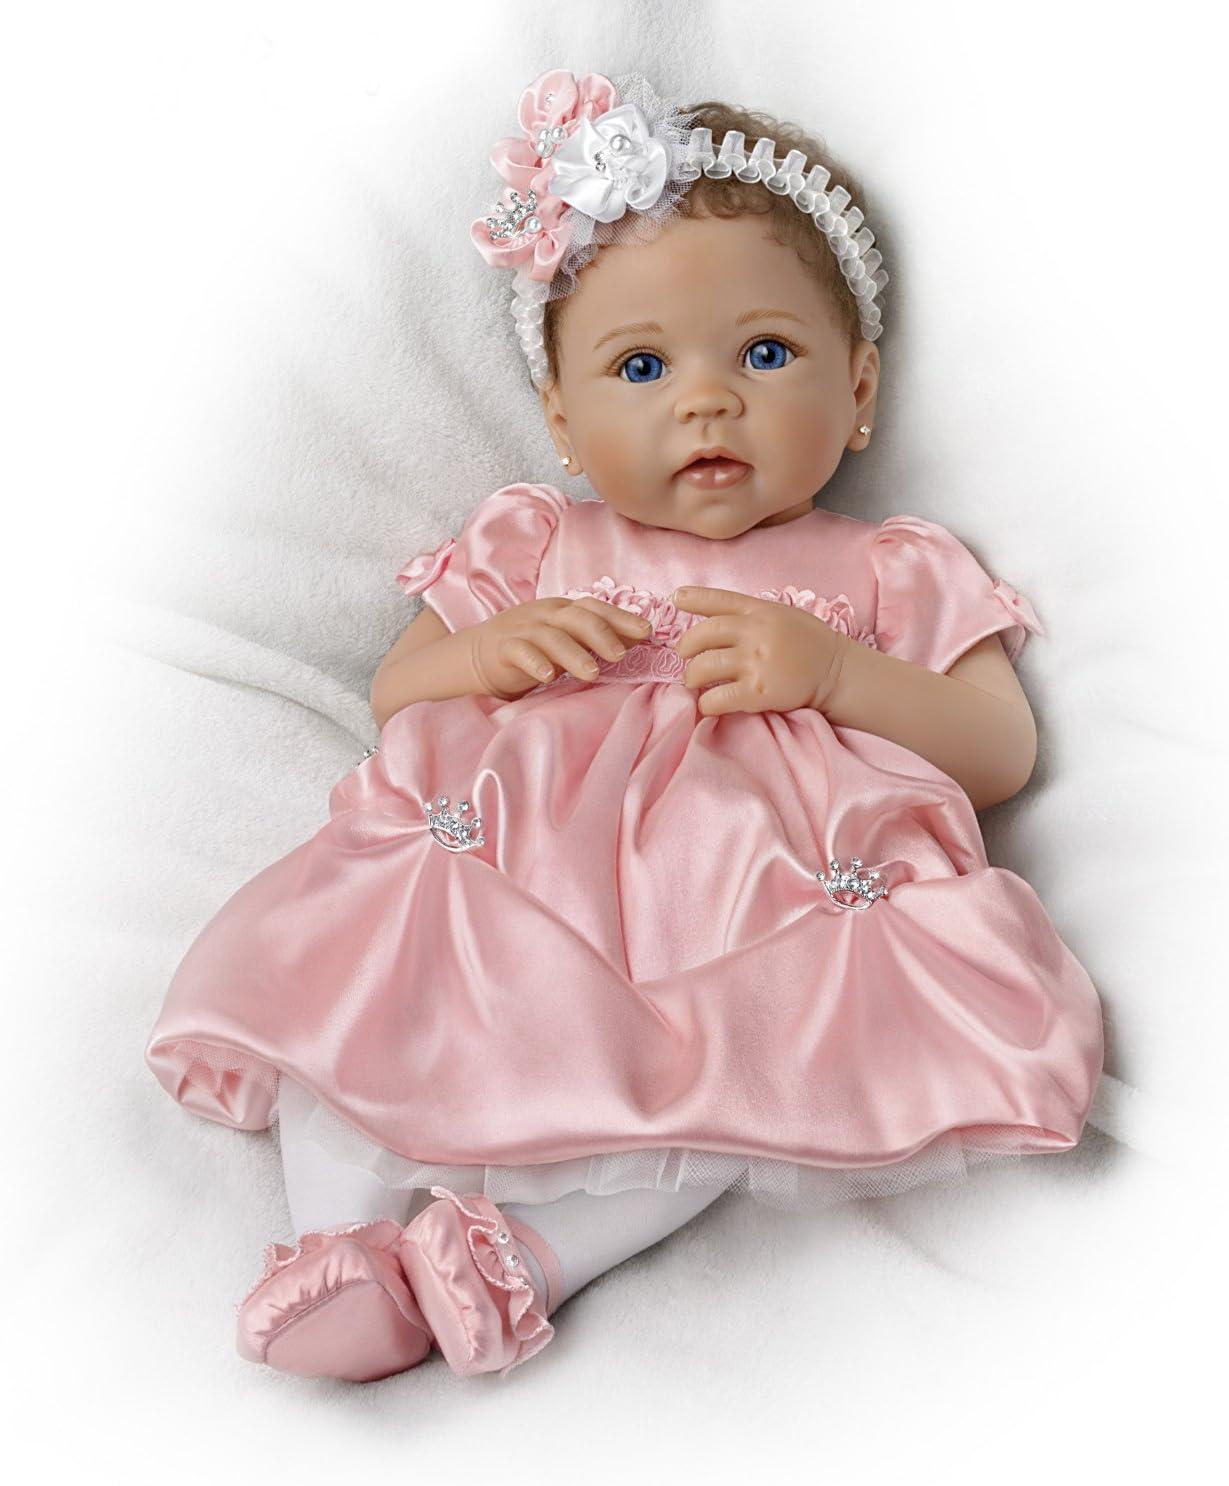 Swaddled So Sweetly  Lifelike 17/'/'  Baby Doll w//Blanket by Ashton Drake